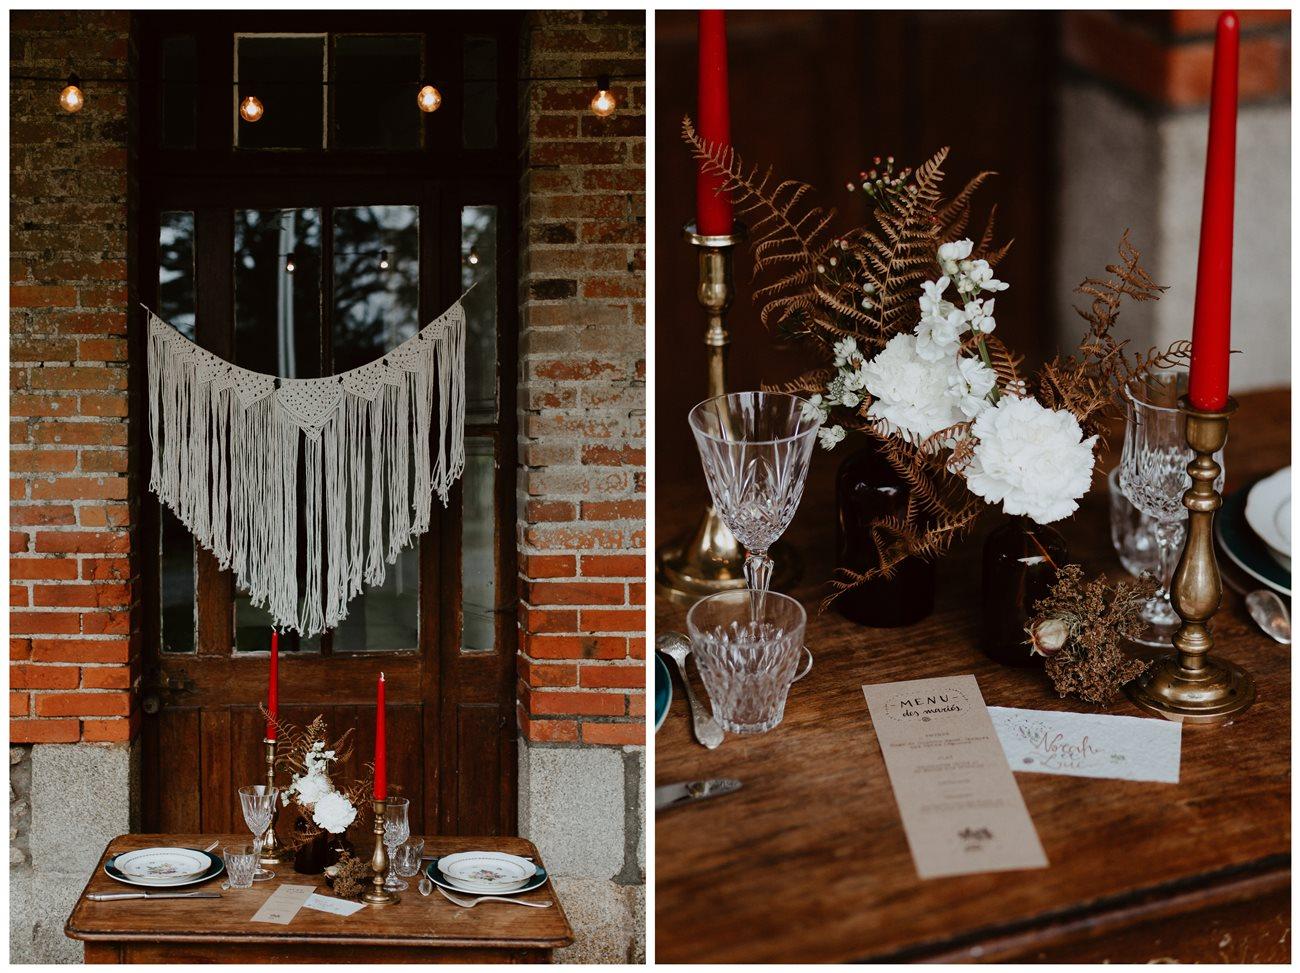 mariage bohème décoration table extérieur guirlande lumière macramé détail vaisselle